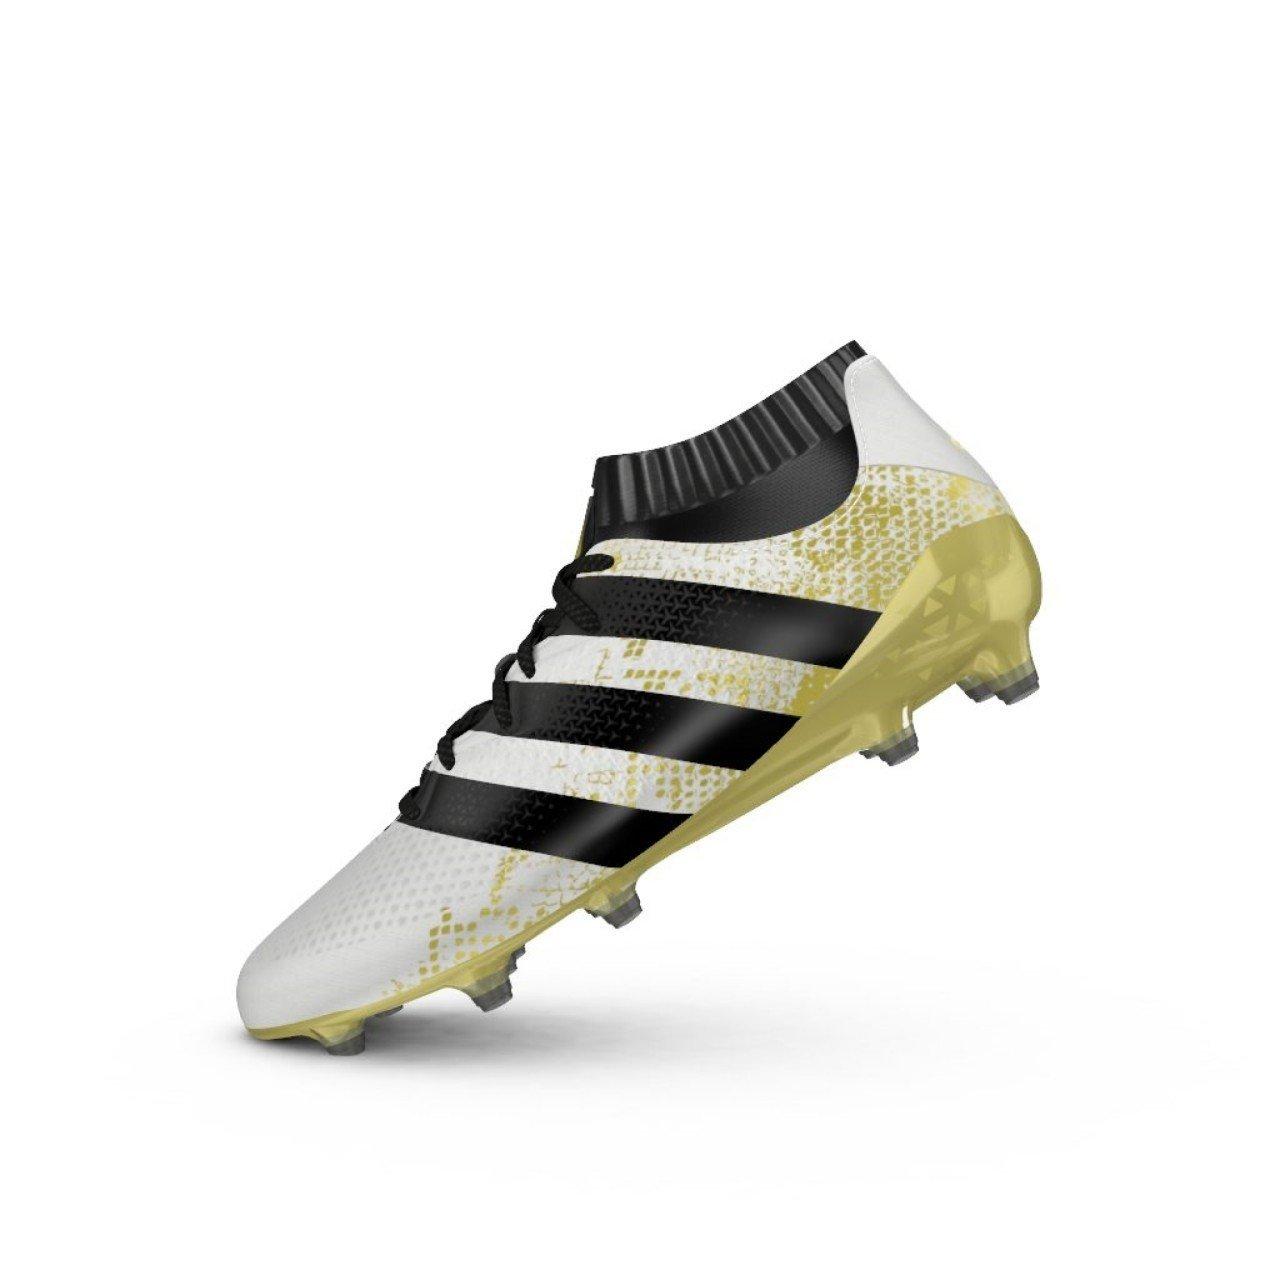 Adidas Ace 16.1 Primeknit FG - Fußballstiefel - Herren, Weiß, 48